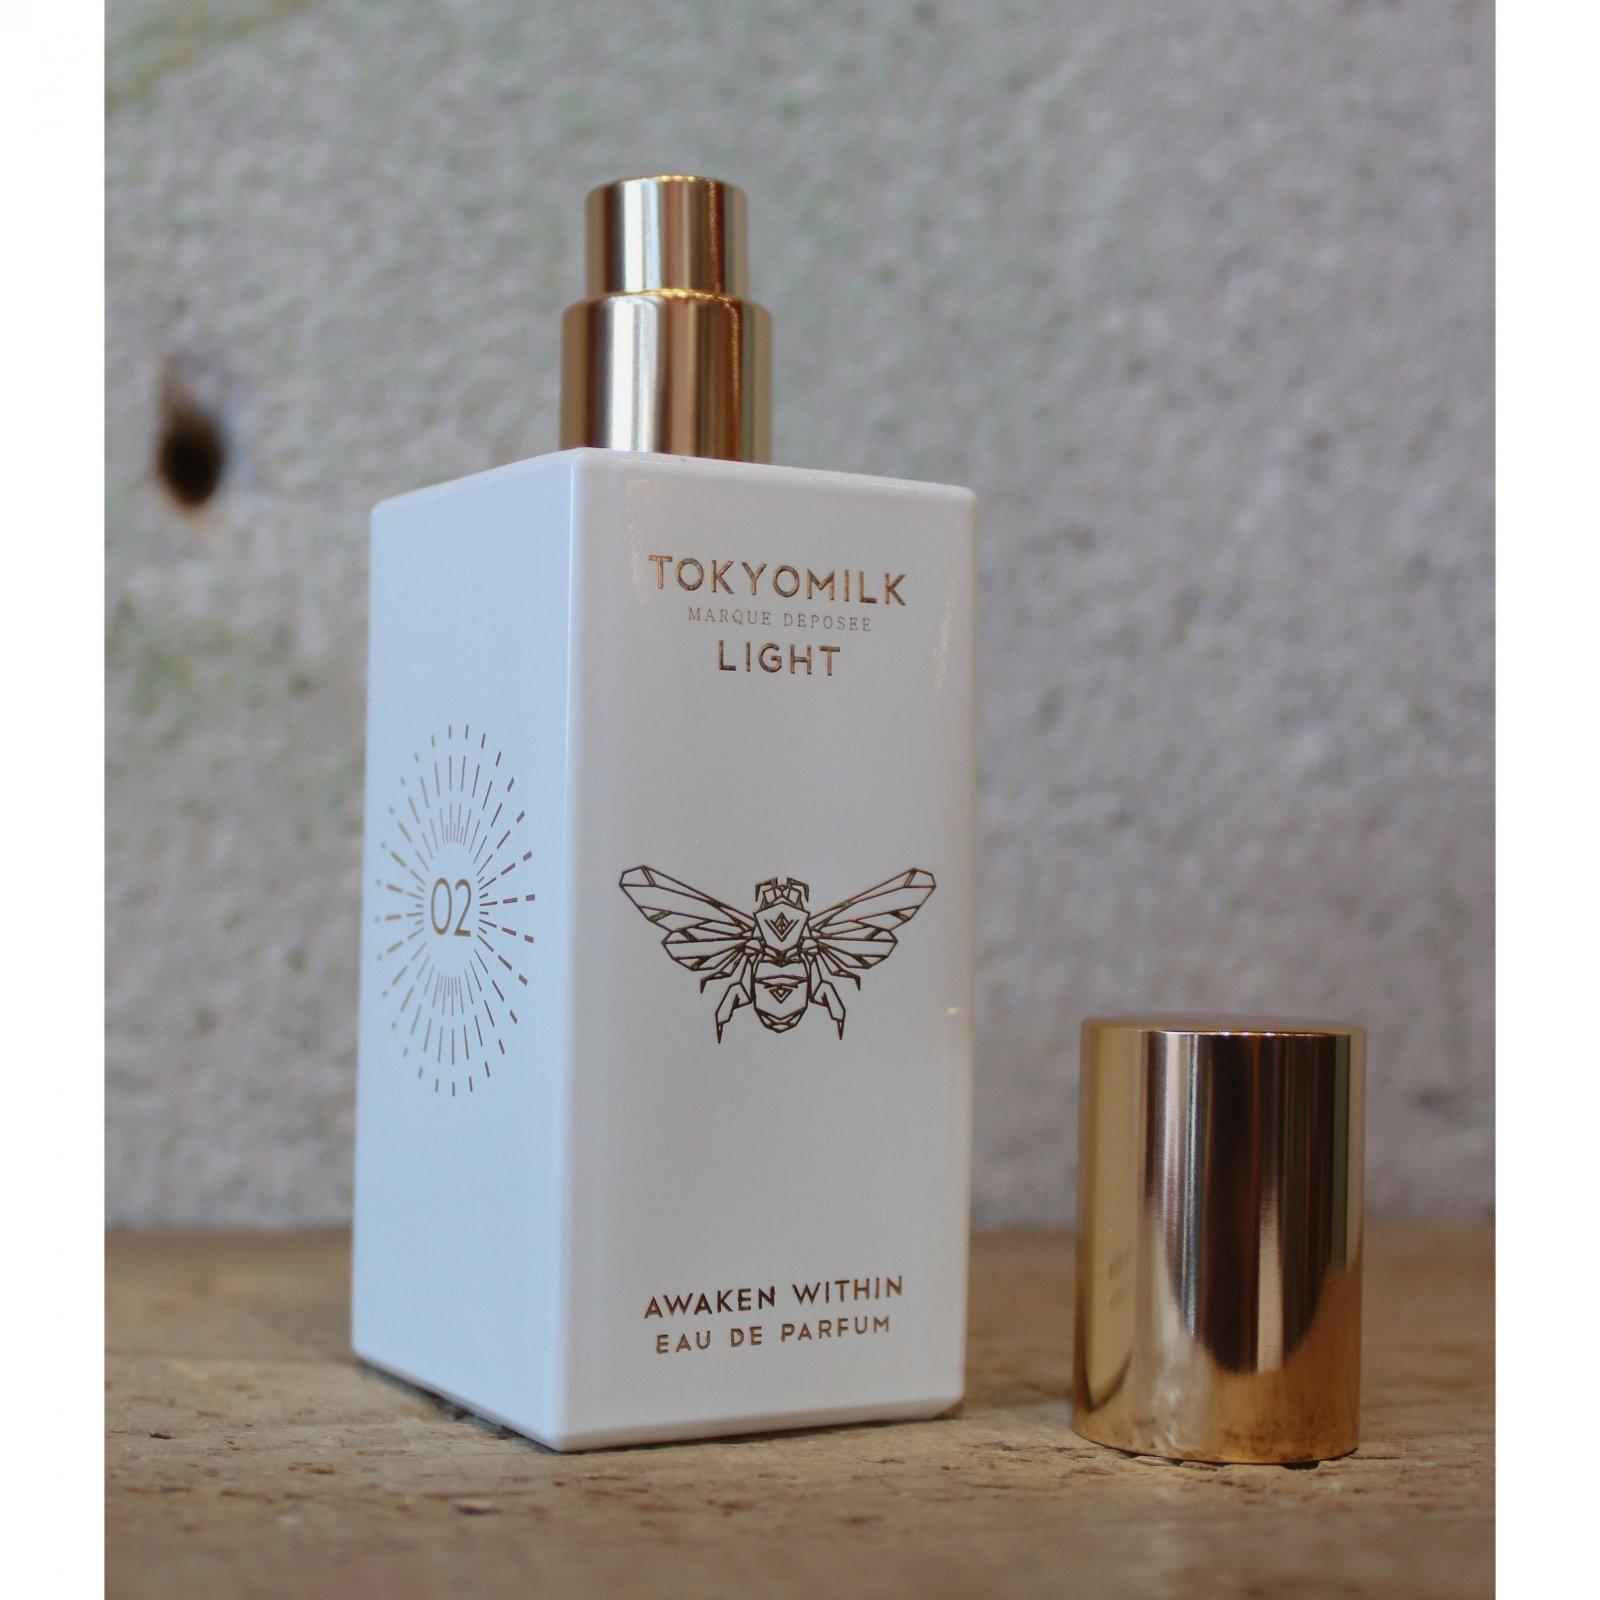 Awaken Within Parfum